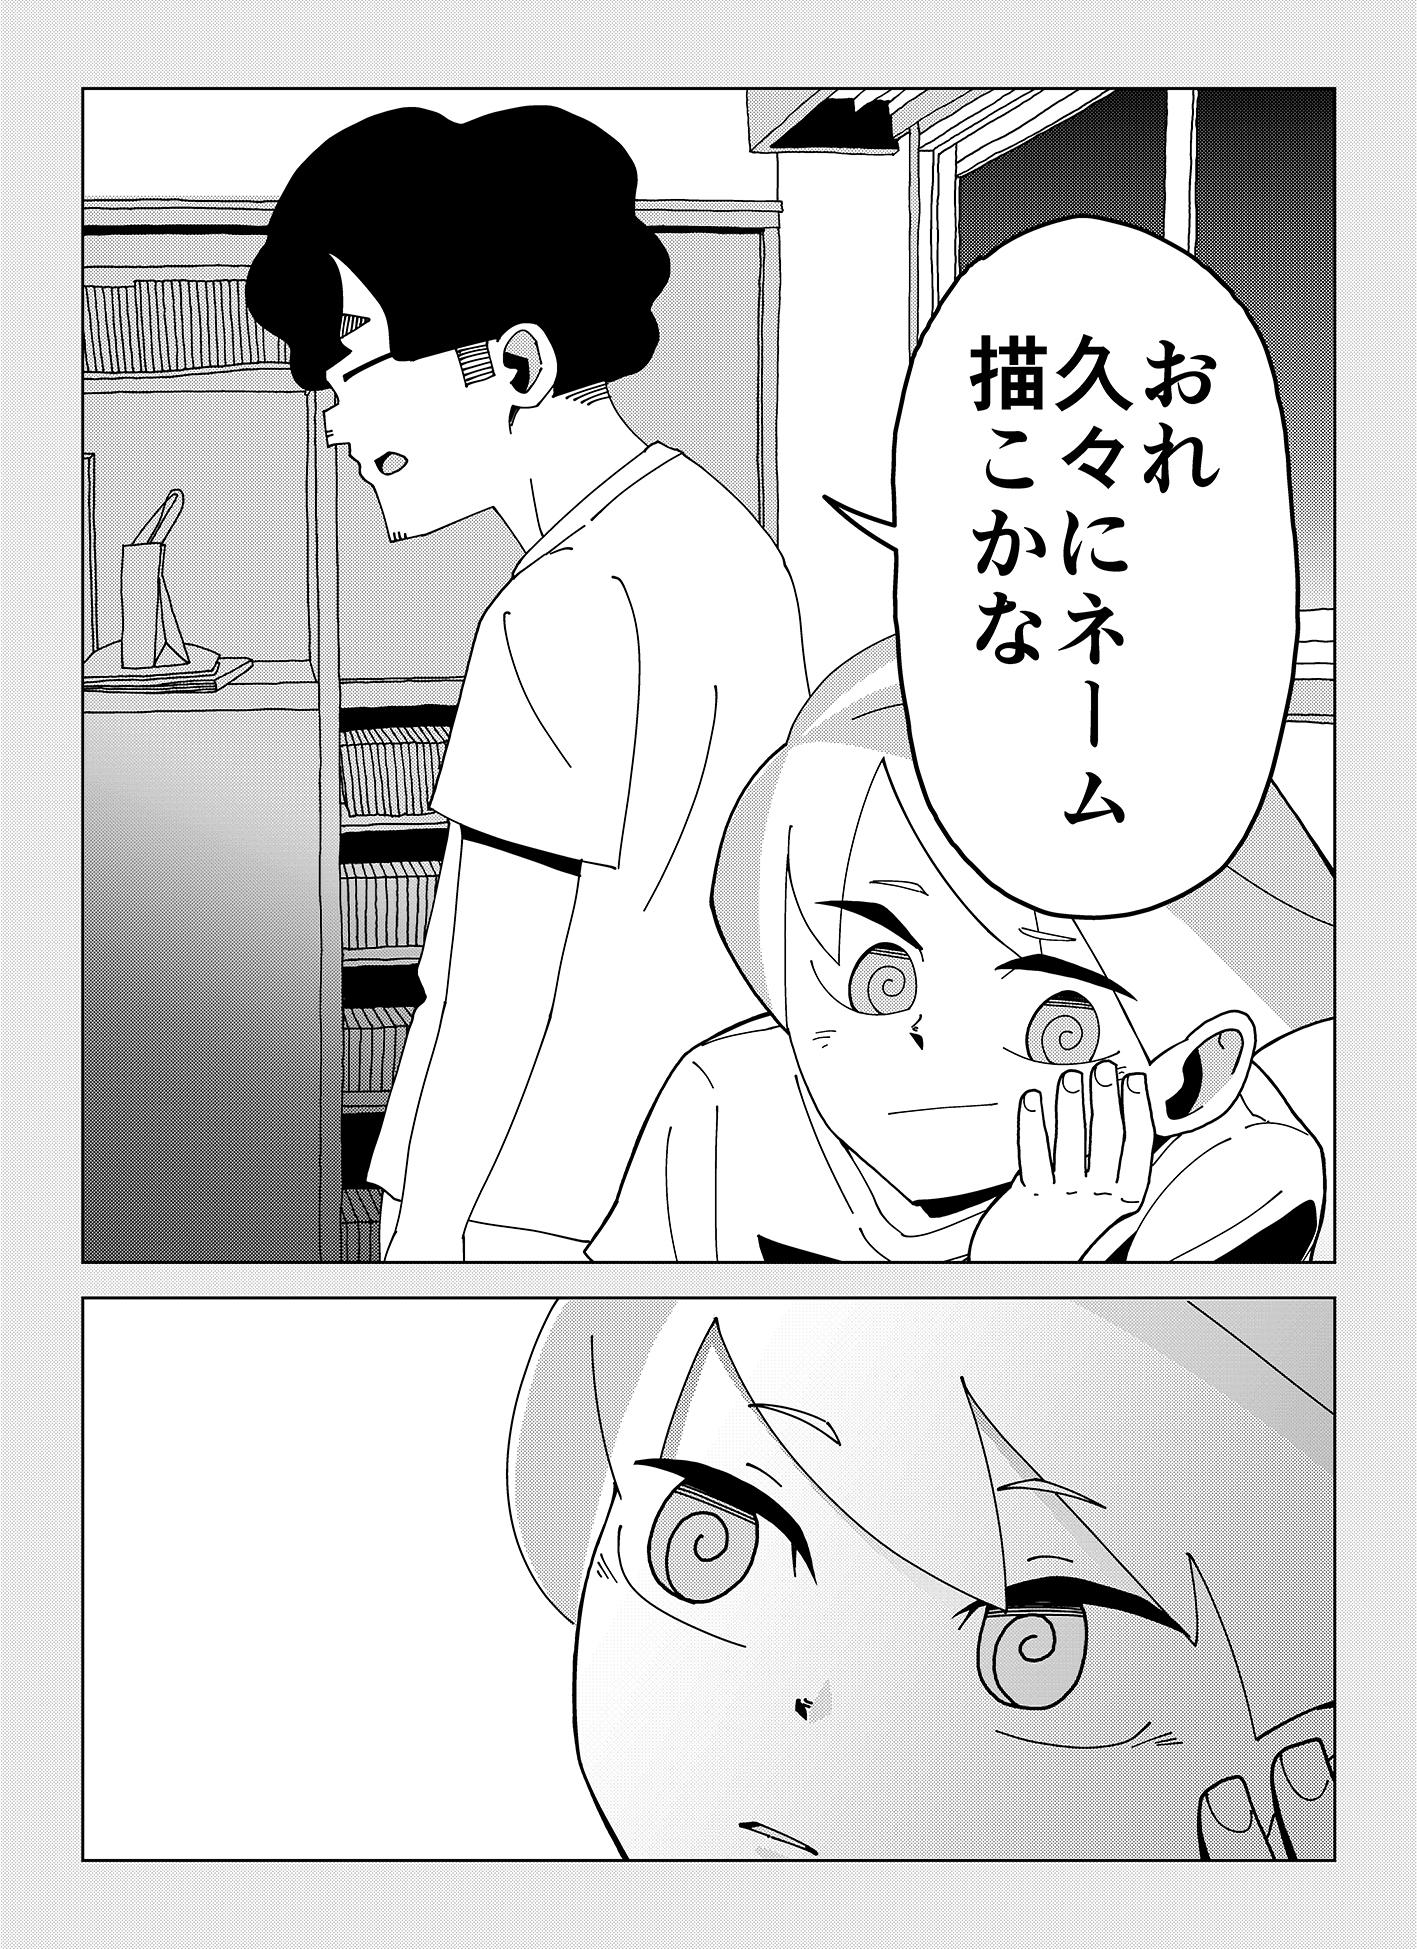 share10_015